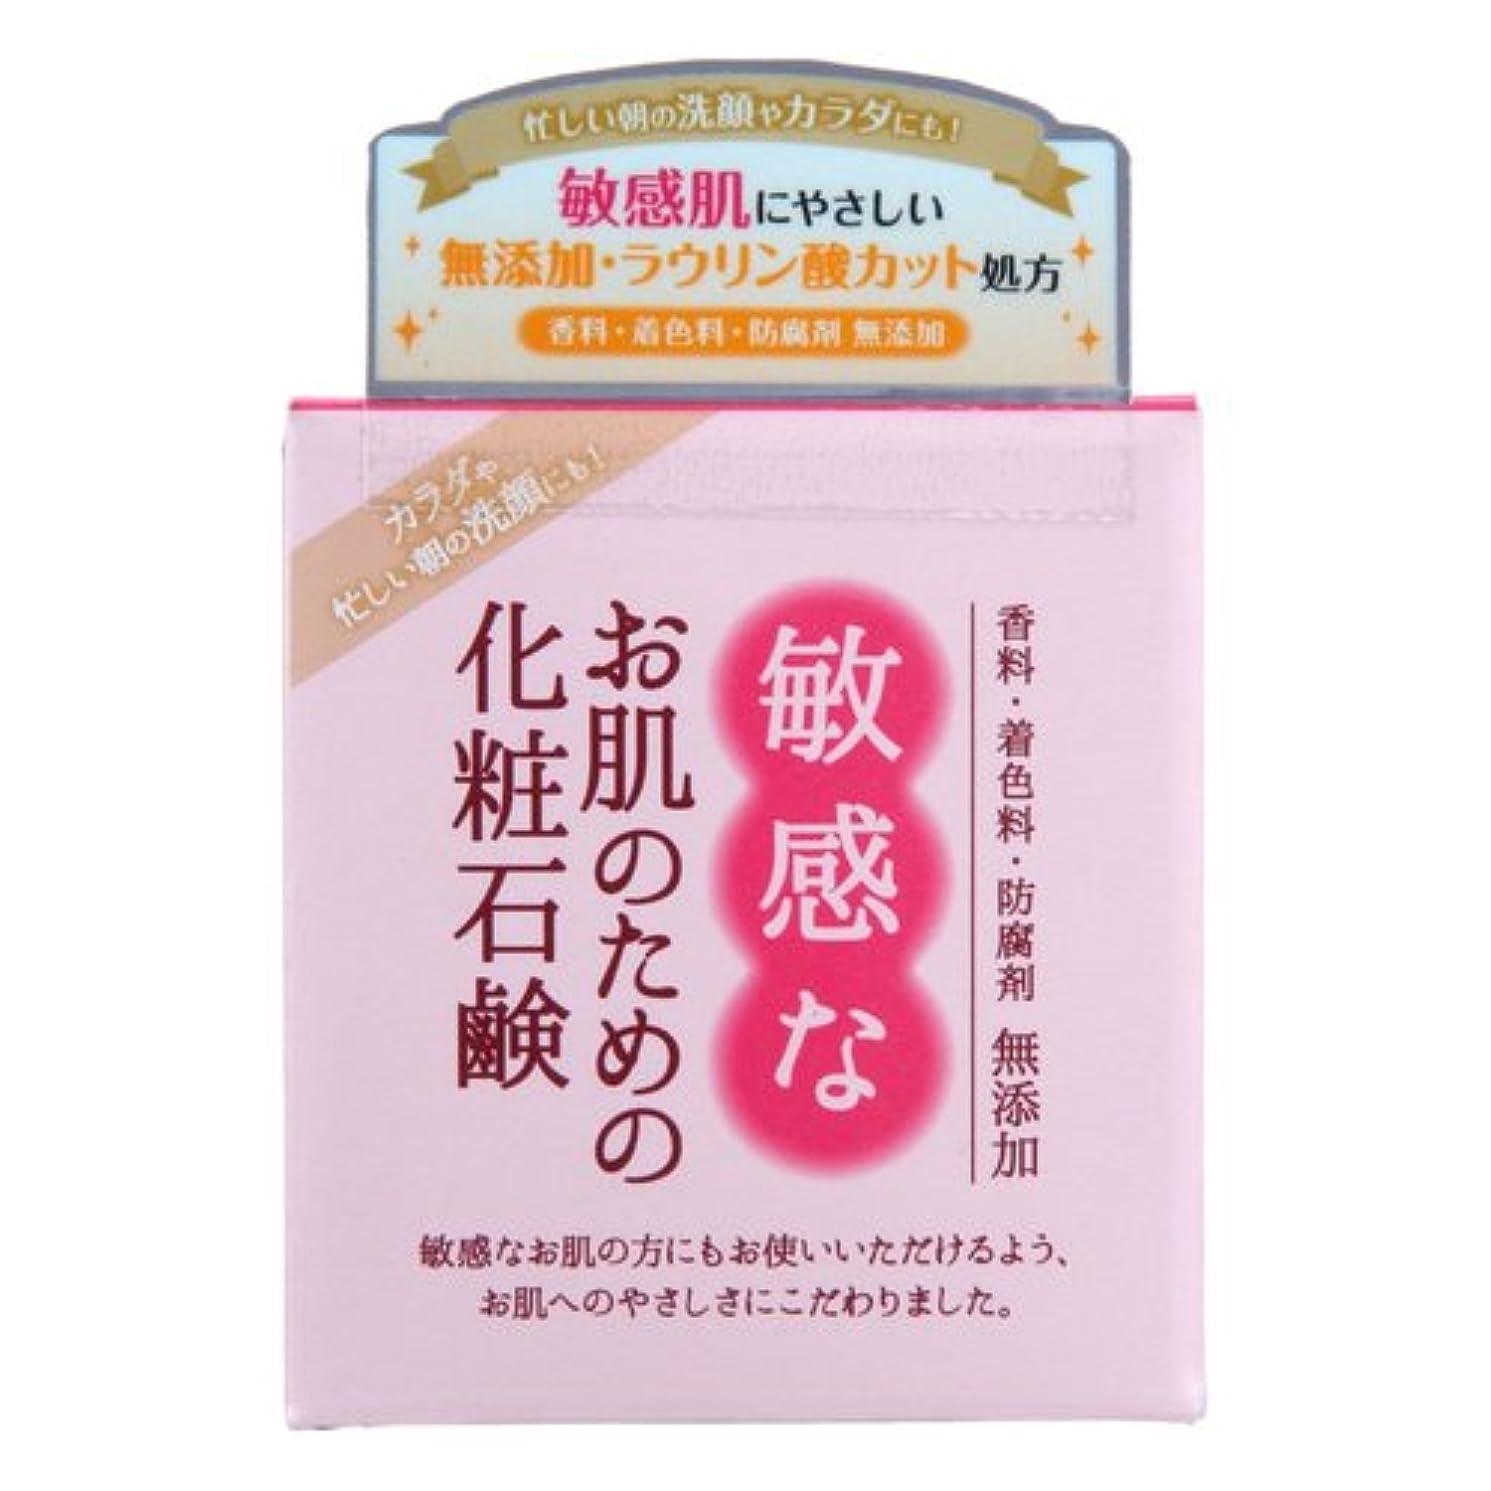 下手位置づける櫛敏感なお肌のための化粧石鹸 100g CBH-S